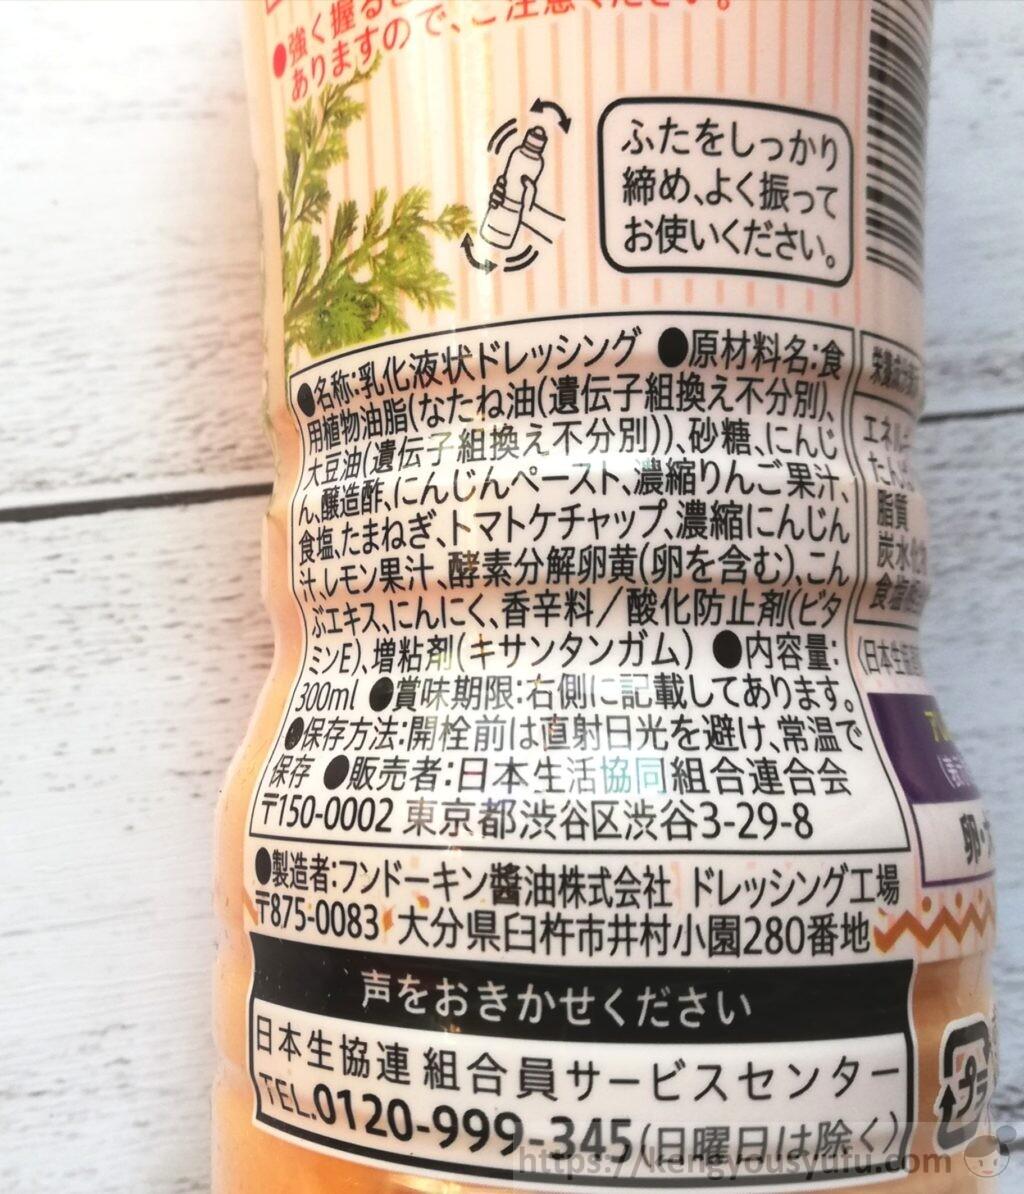 食材宅配コープデリ「にんじんドレッシング」原材料